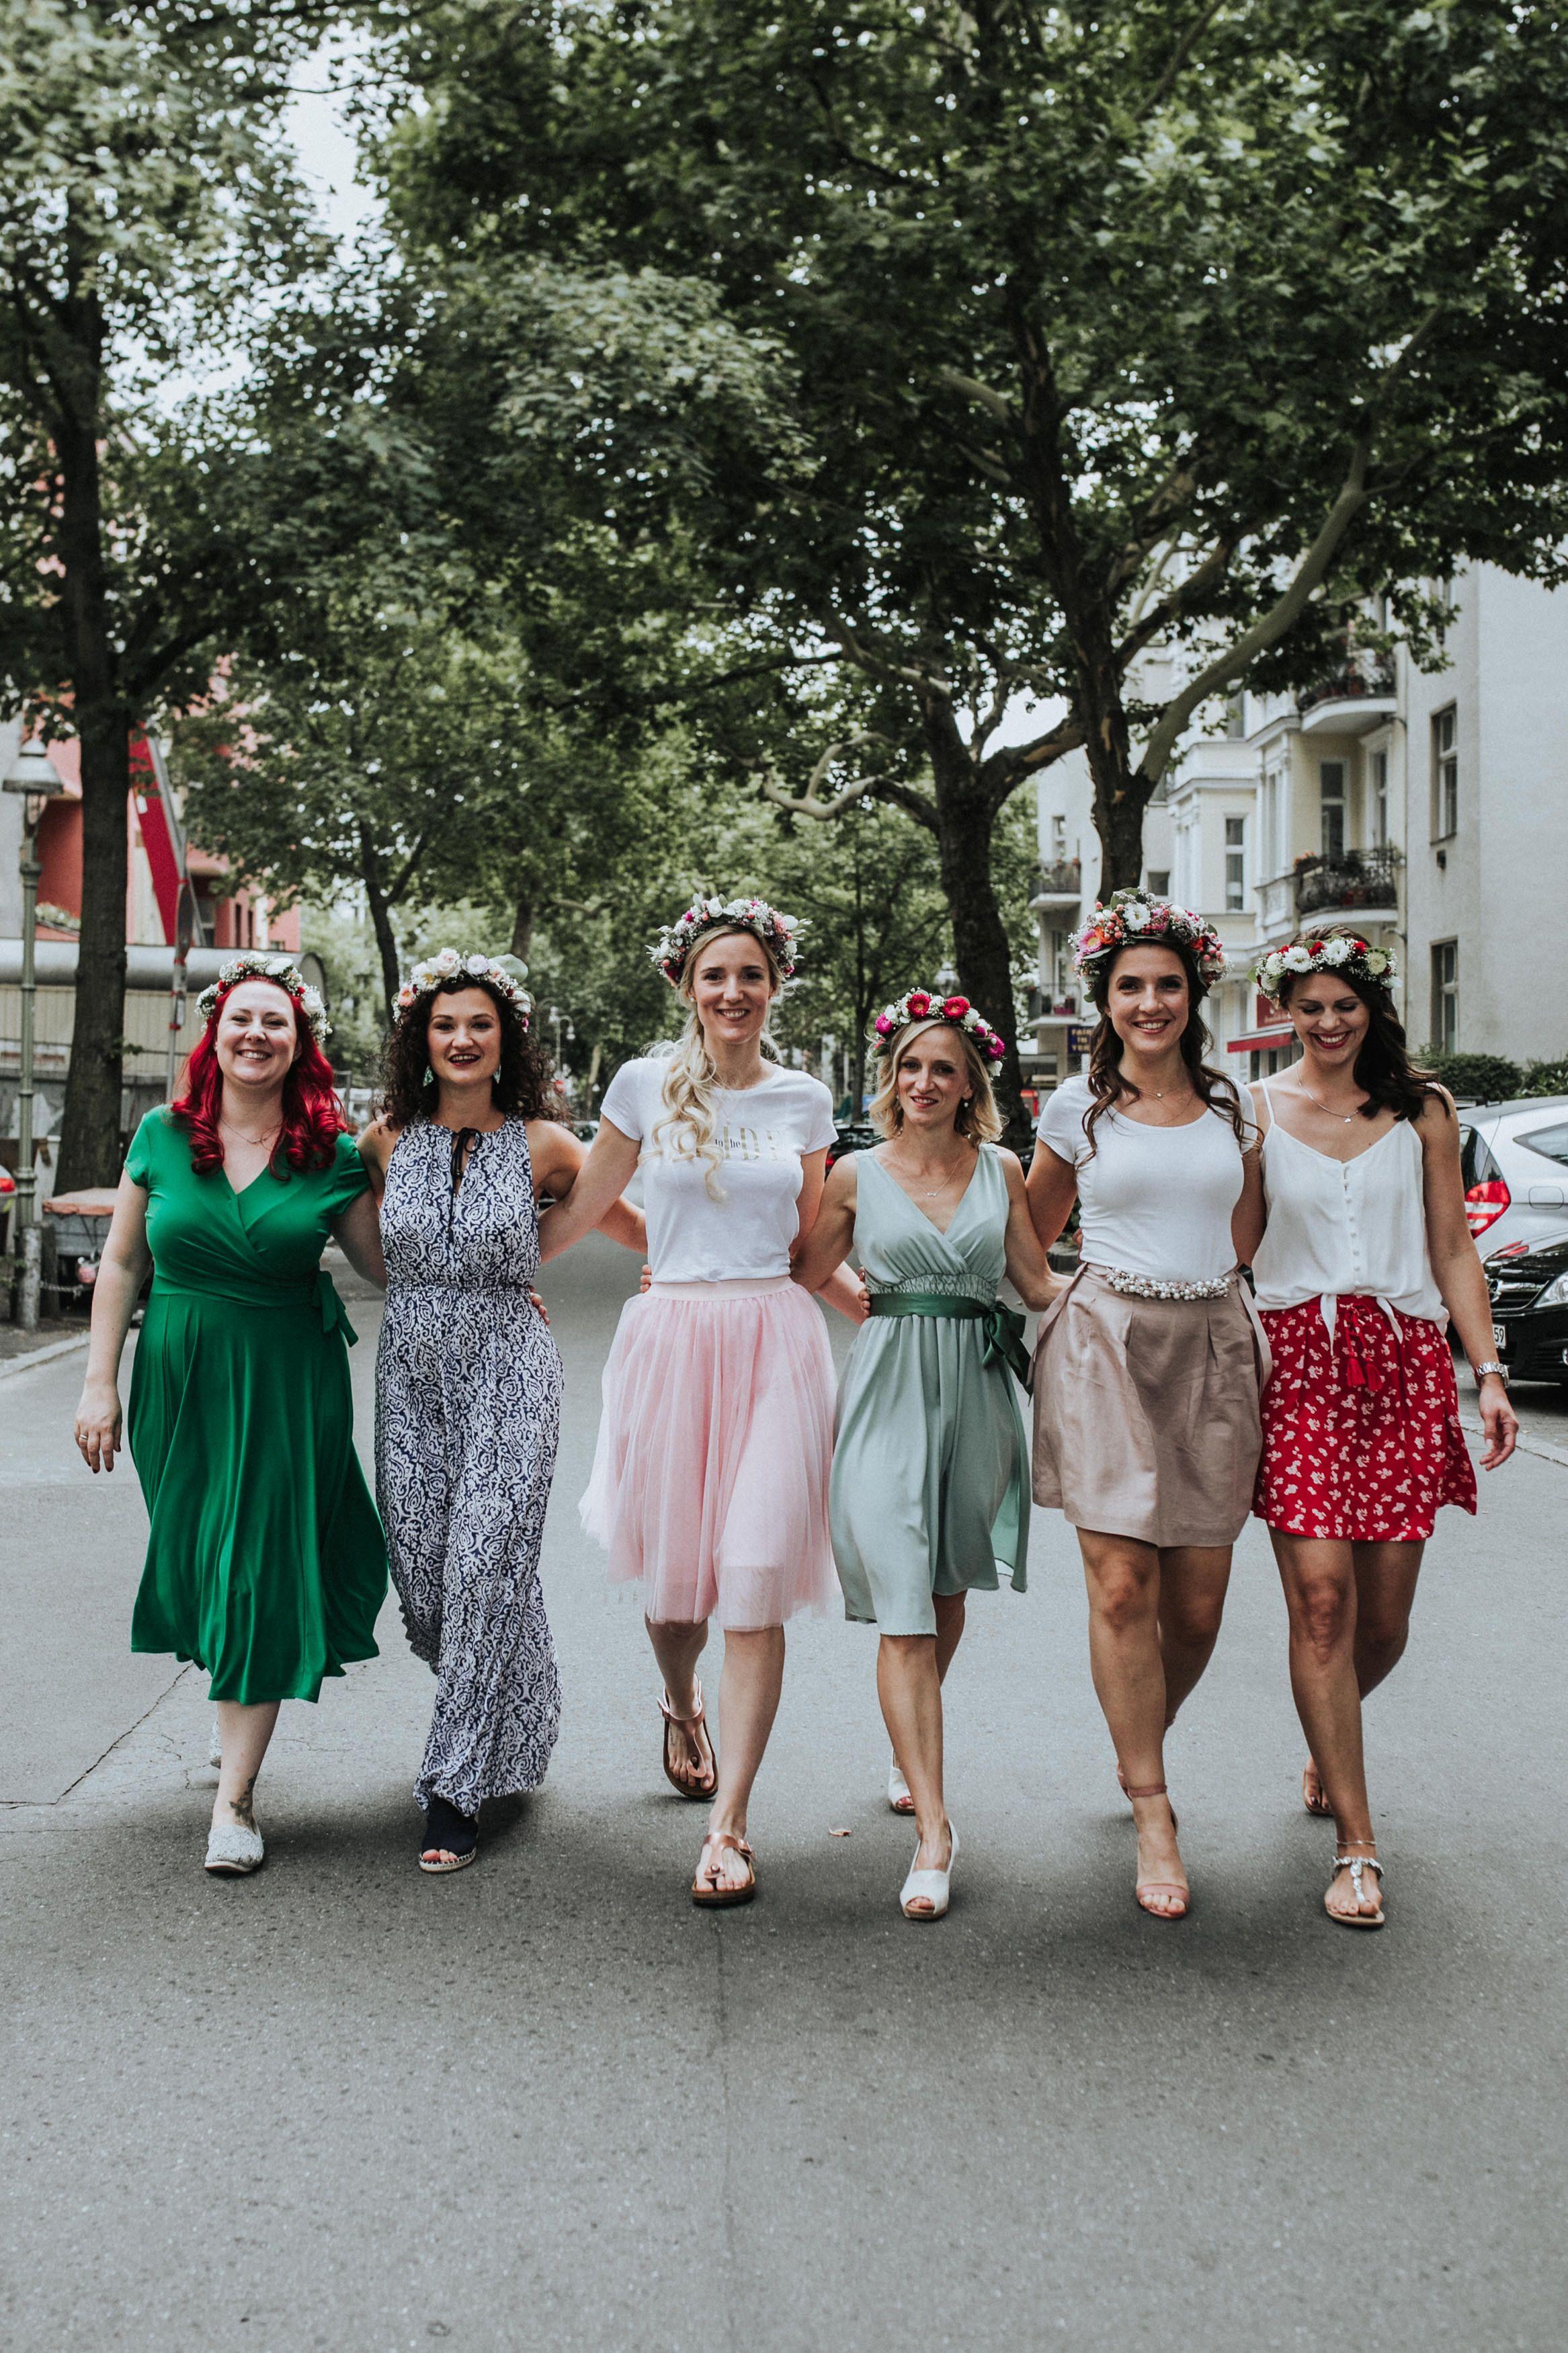 Bride to be: Ideen für den JGA - Lieschen heiratet